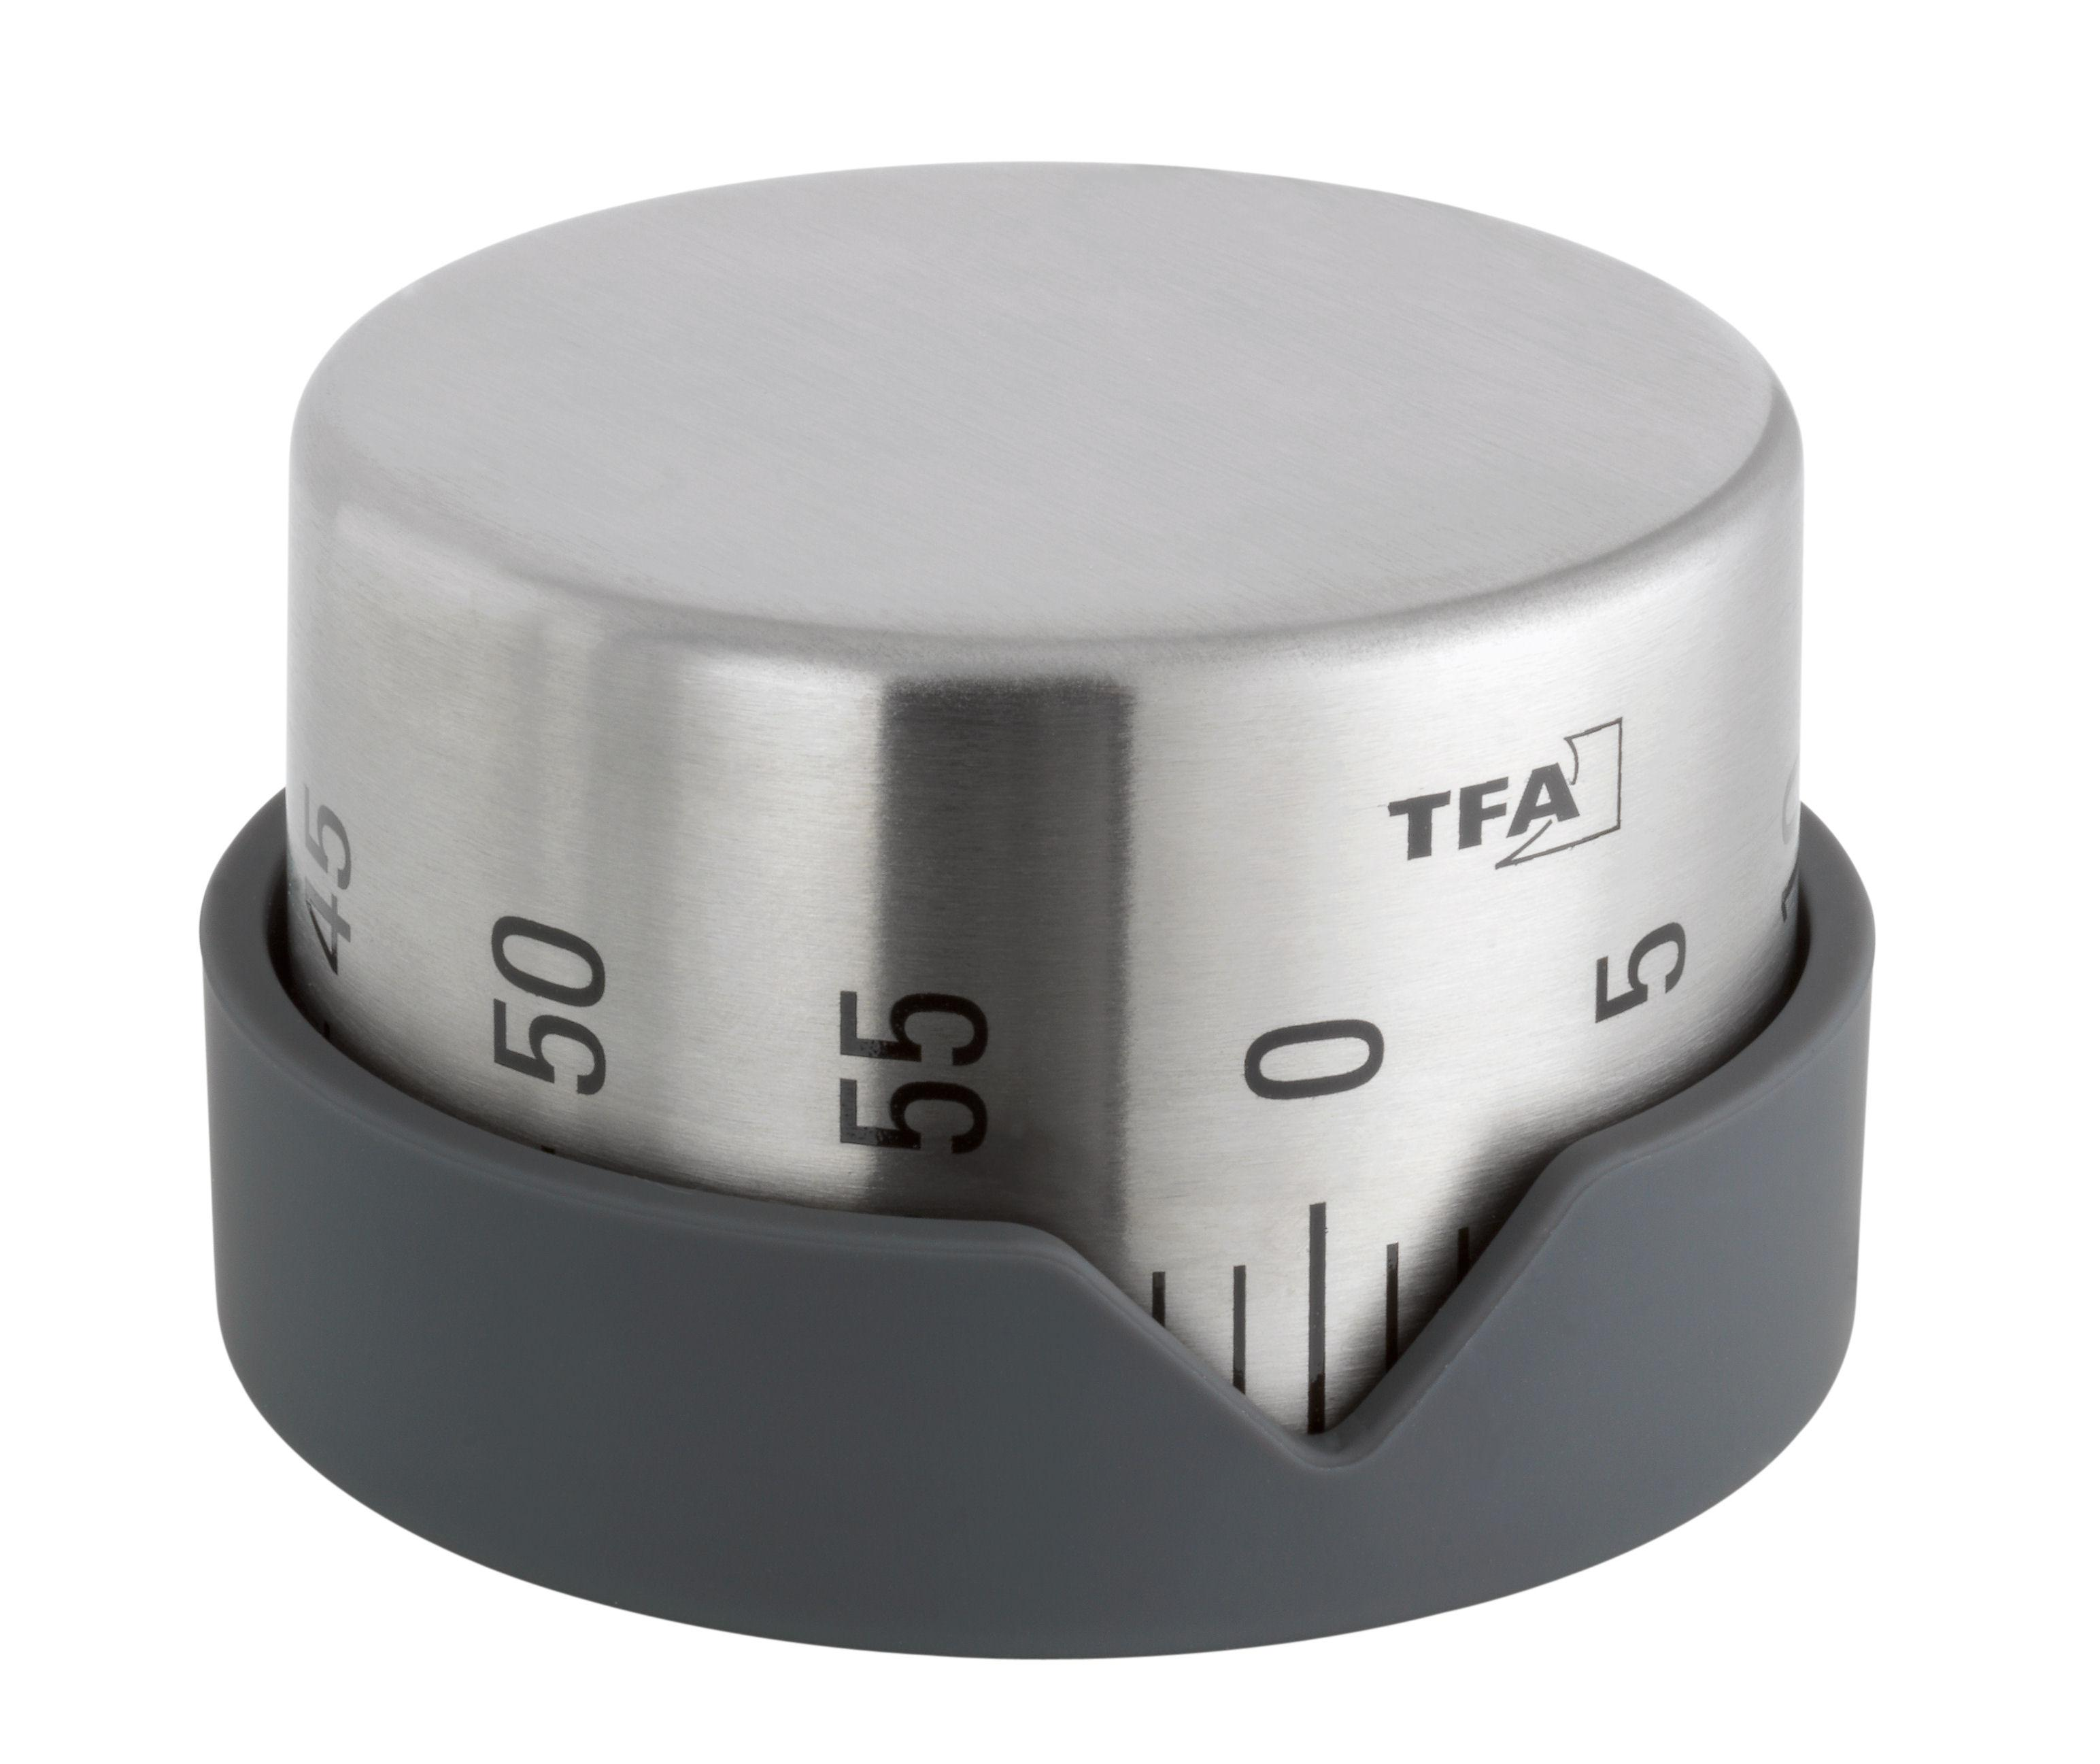 Minutky - časovač  TFA 38.1027.10